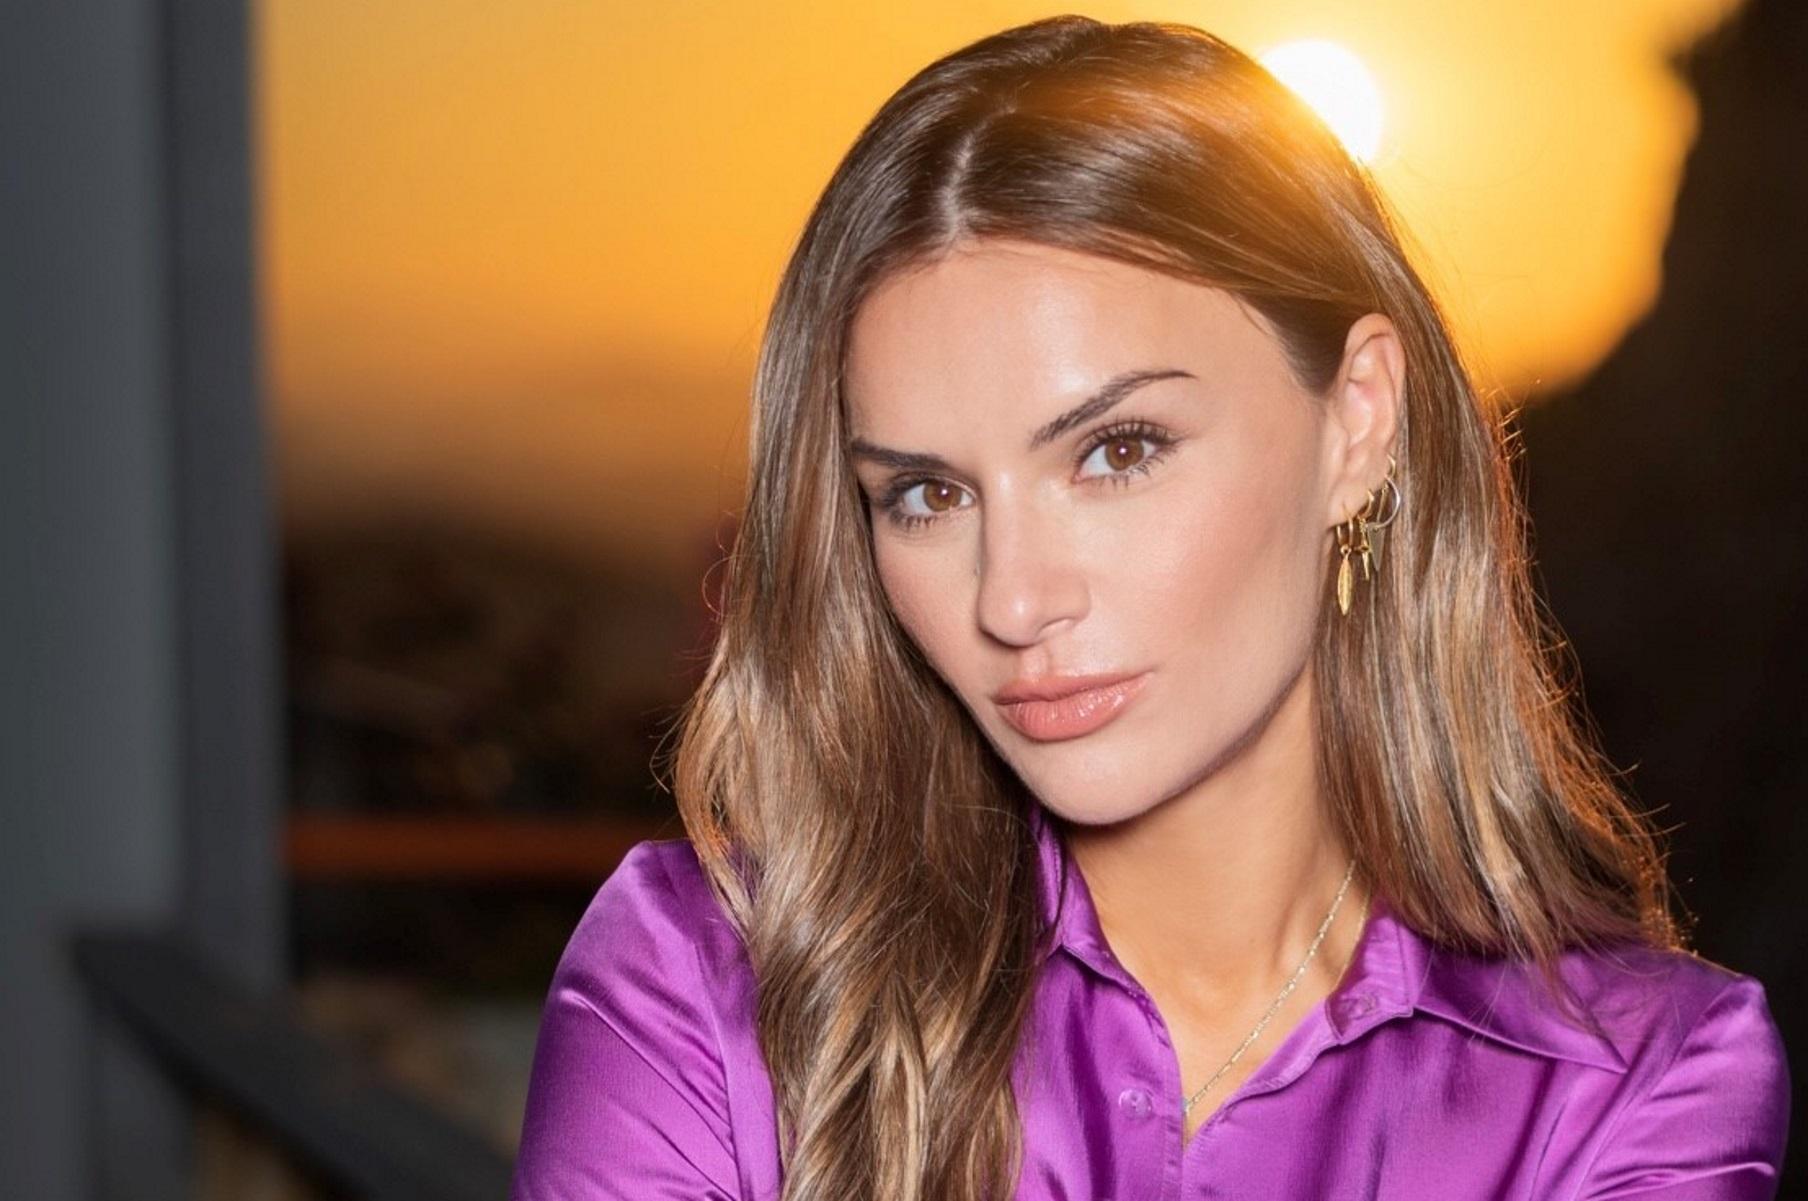 Η Ελένη Τσολάκη επίσημα στο OPEN